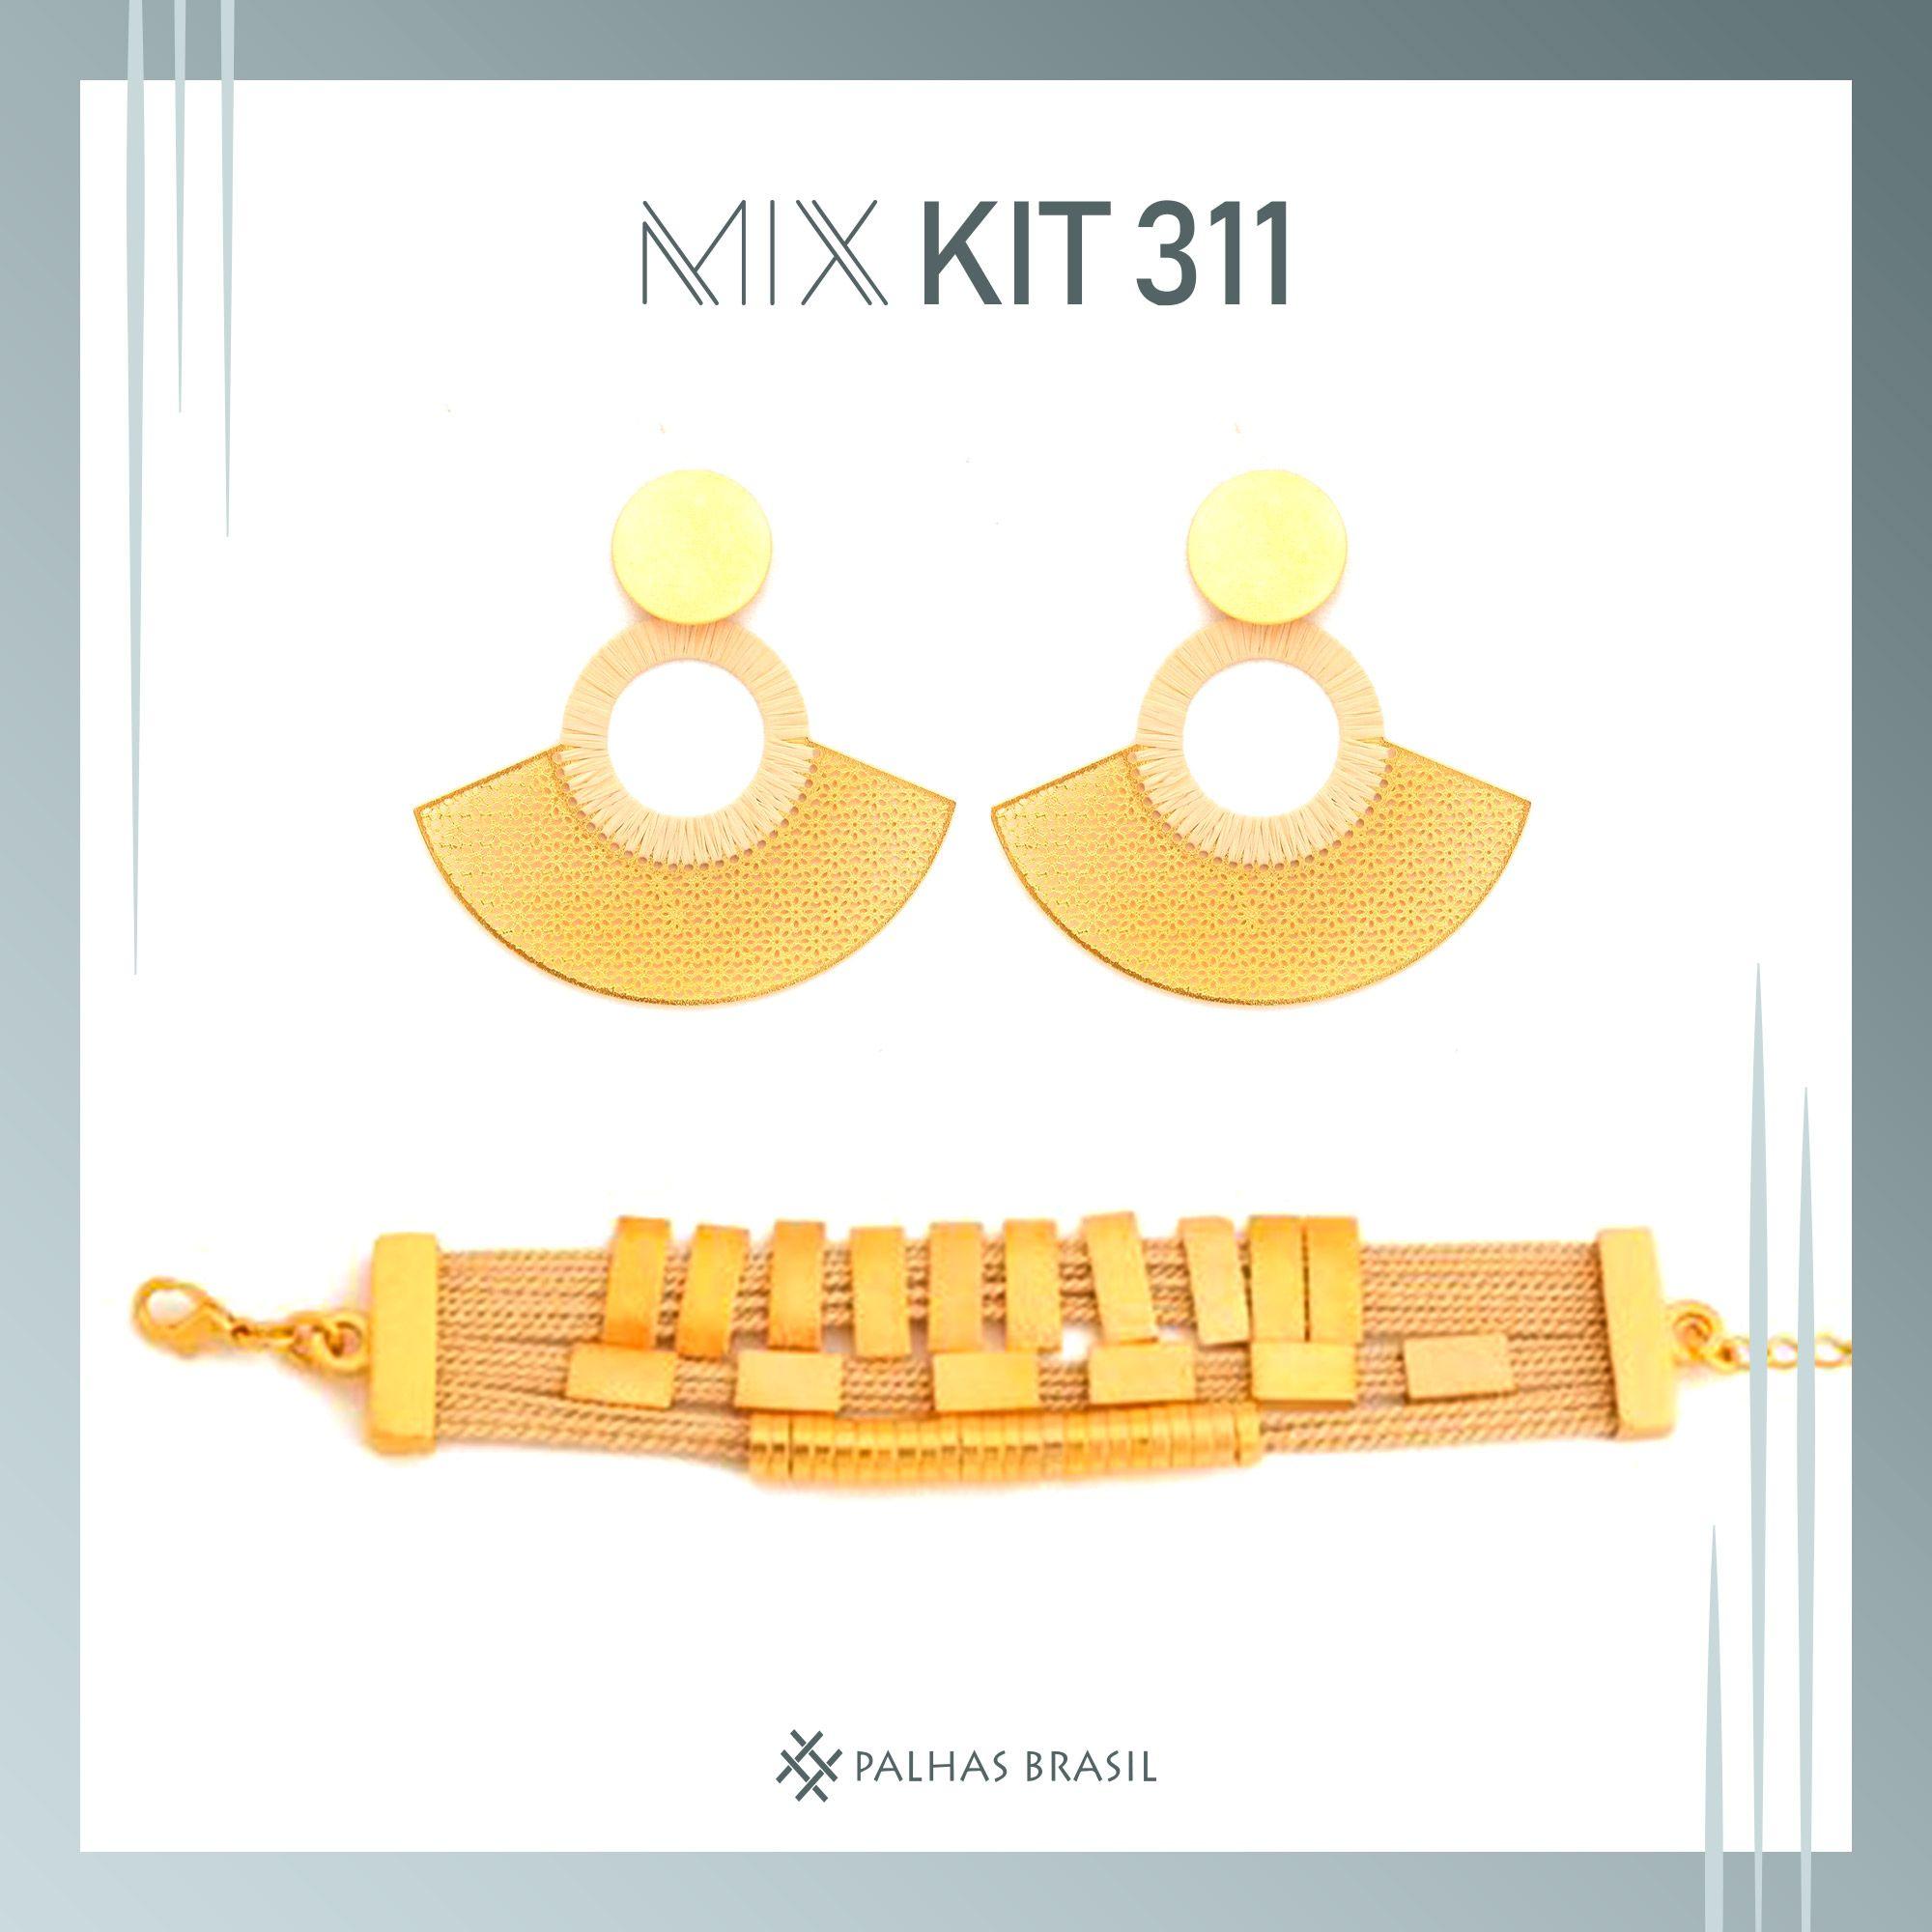 KIT311 - KIT PROMOCIONAL EM PALHA DE BURITI